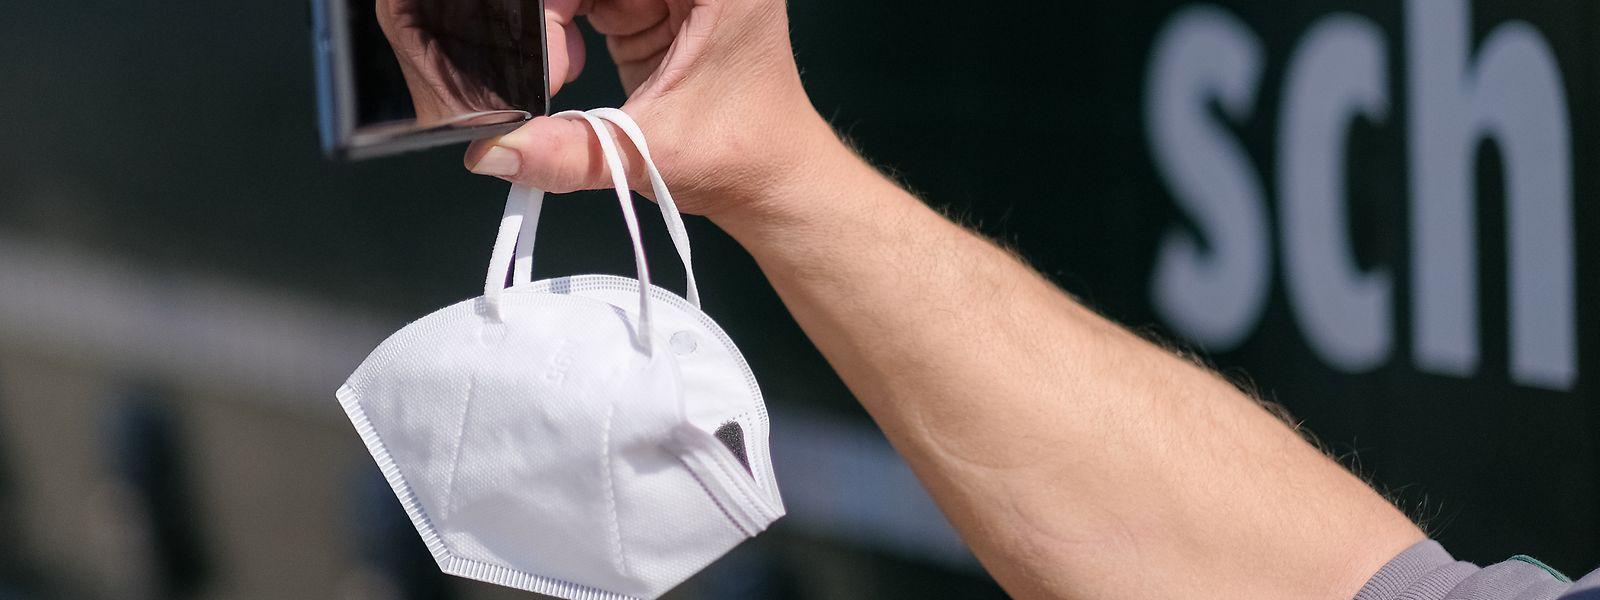 Die WHO warnt vor einer zusätzlichen Infektionsgefahr beim Abnehmen der Mundschutzmasken.